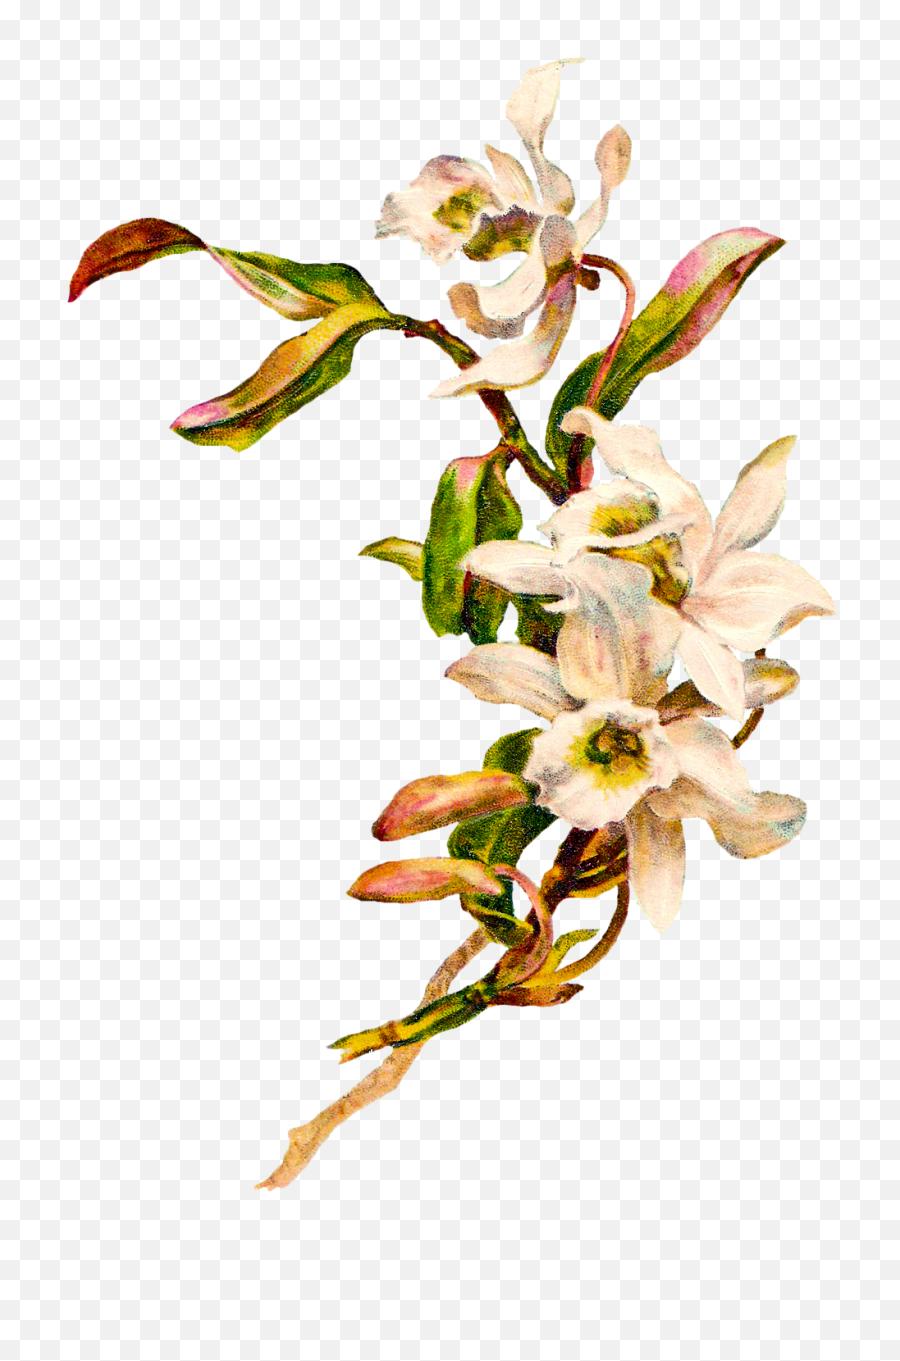 Vintage Flower Clipart Png - Vintage Flower Transparent,Vintage Flower Png